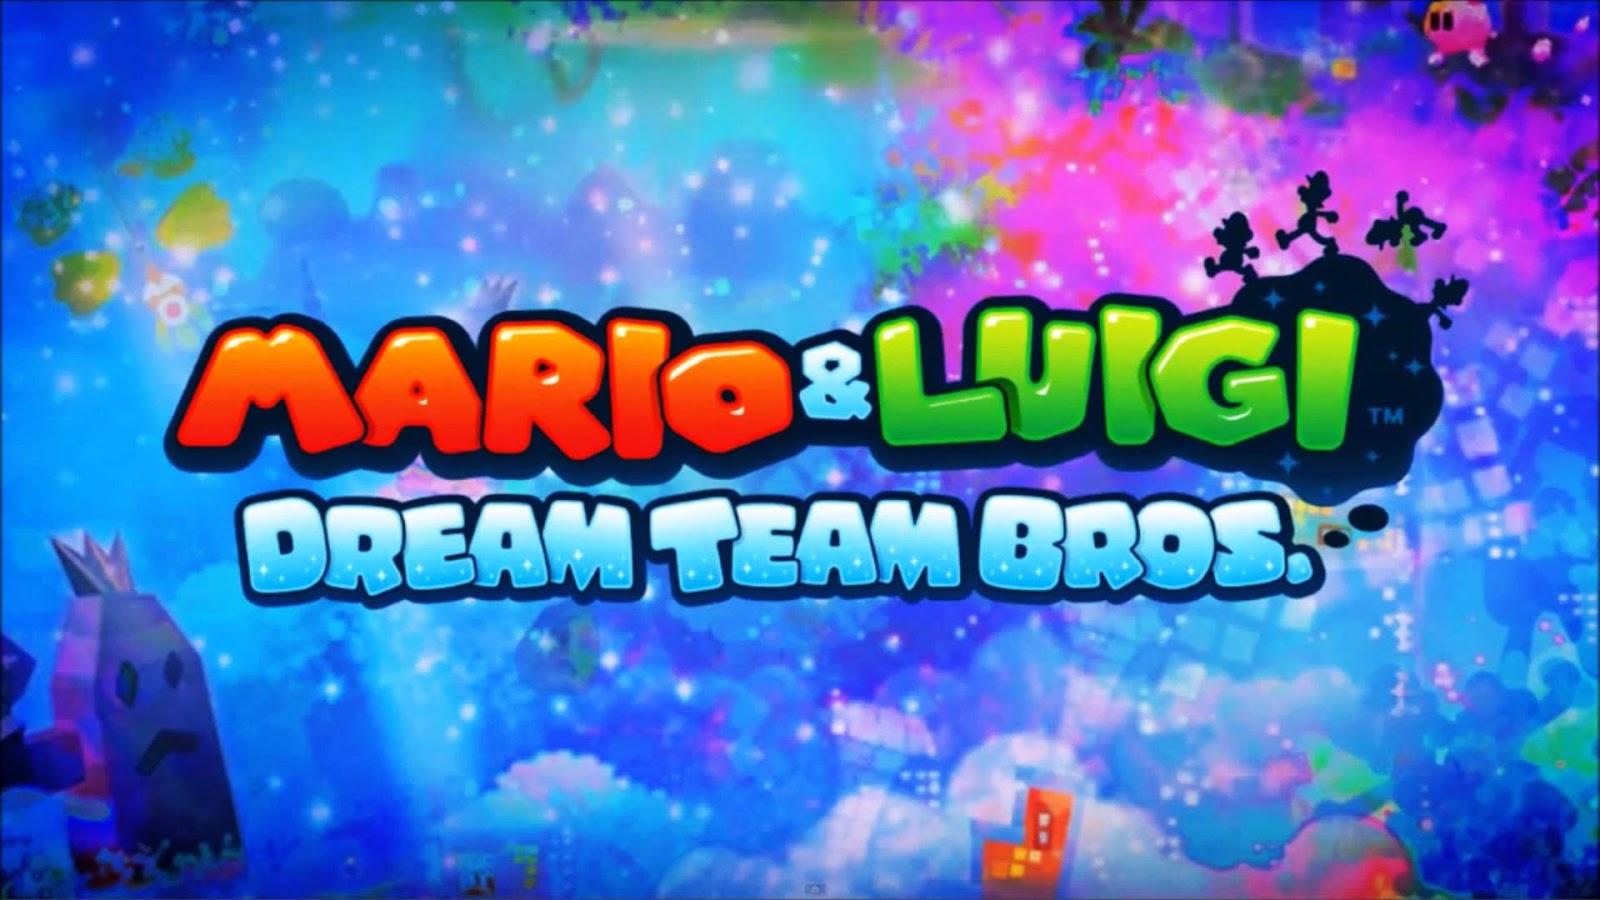 Mario And Luigi Dream Team Bros Test Summary